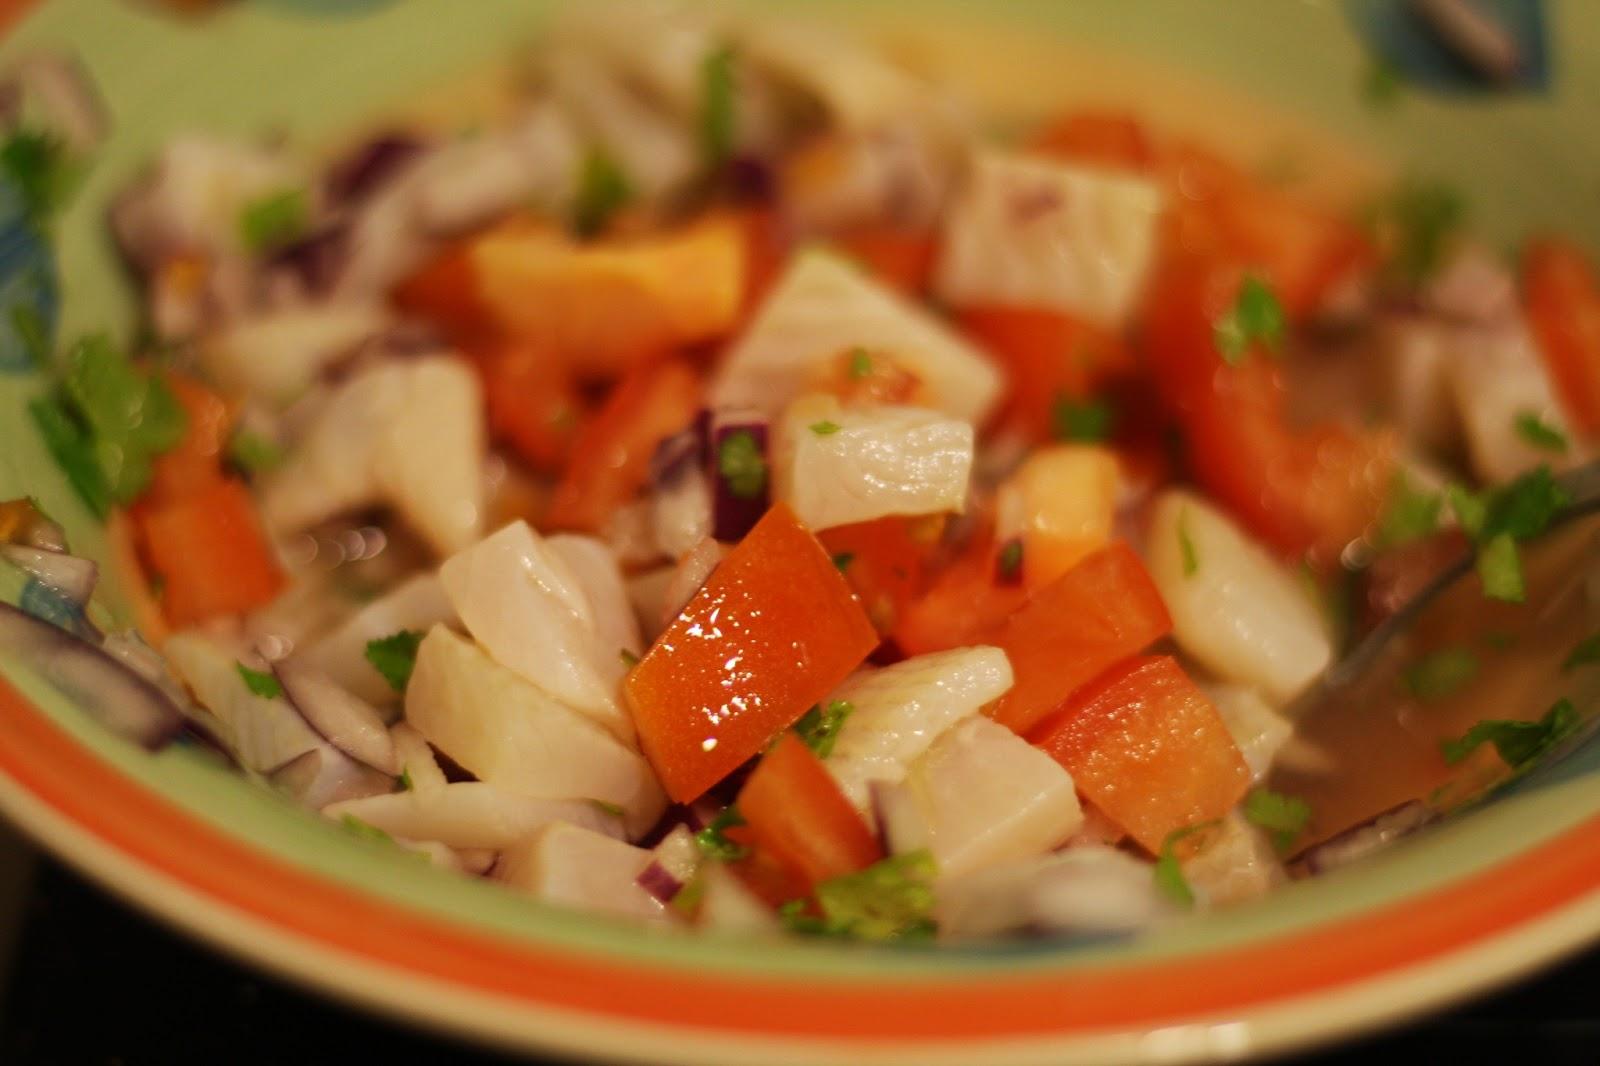 La jolie cuisine et autres ceviche de pescado - Jolie cuisine ...